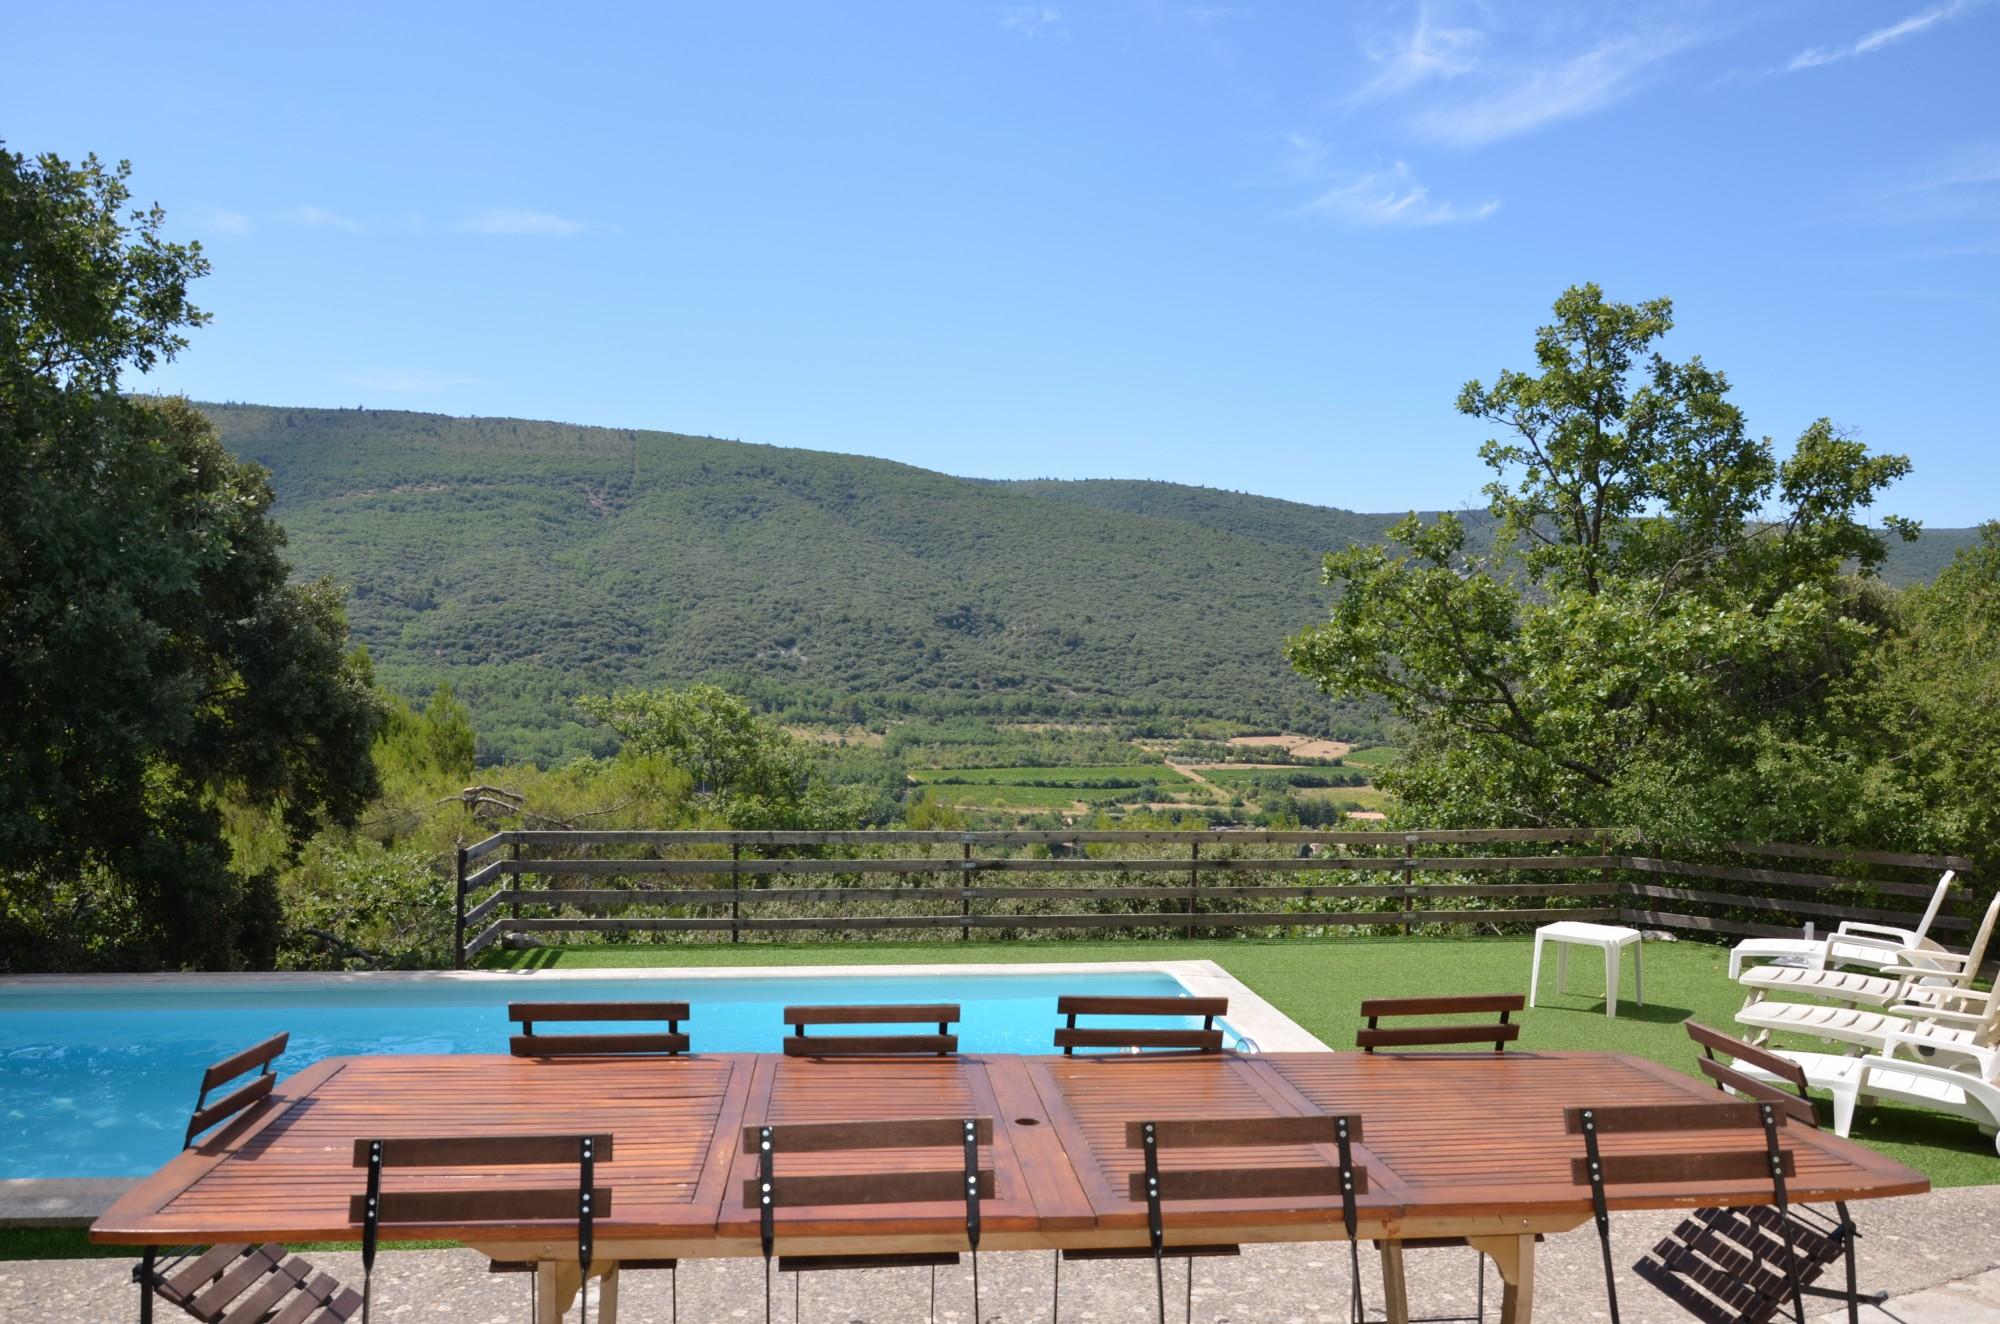 Ventes maison t6 f6 lacoste avec terrain naturellement for Vente de piscine